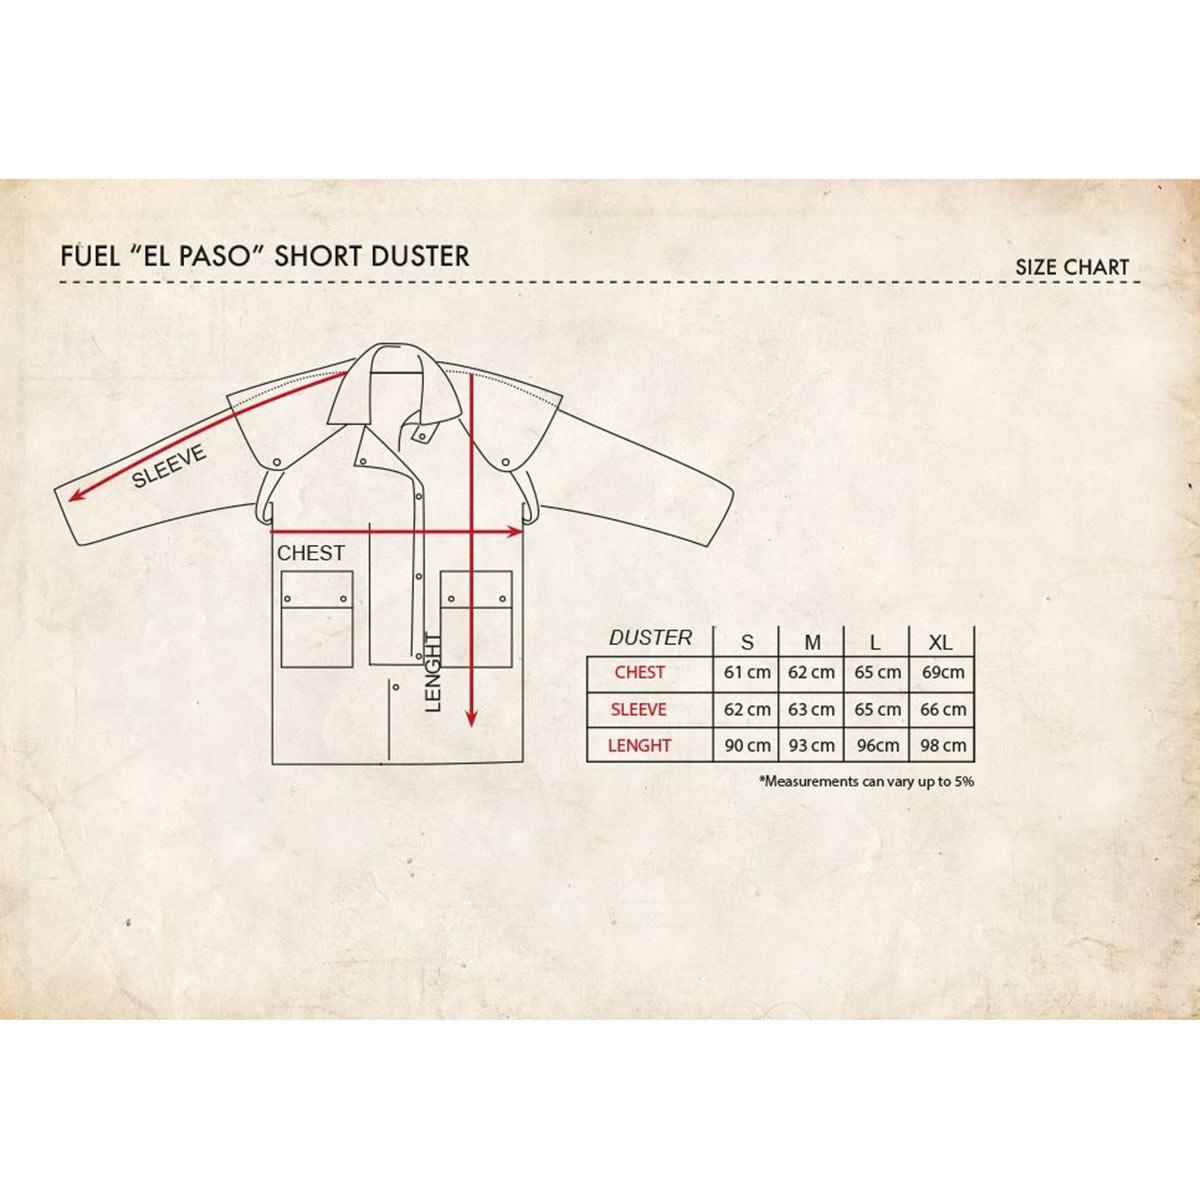 Fuel El Paso Duster Short